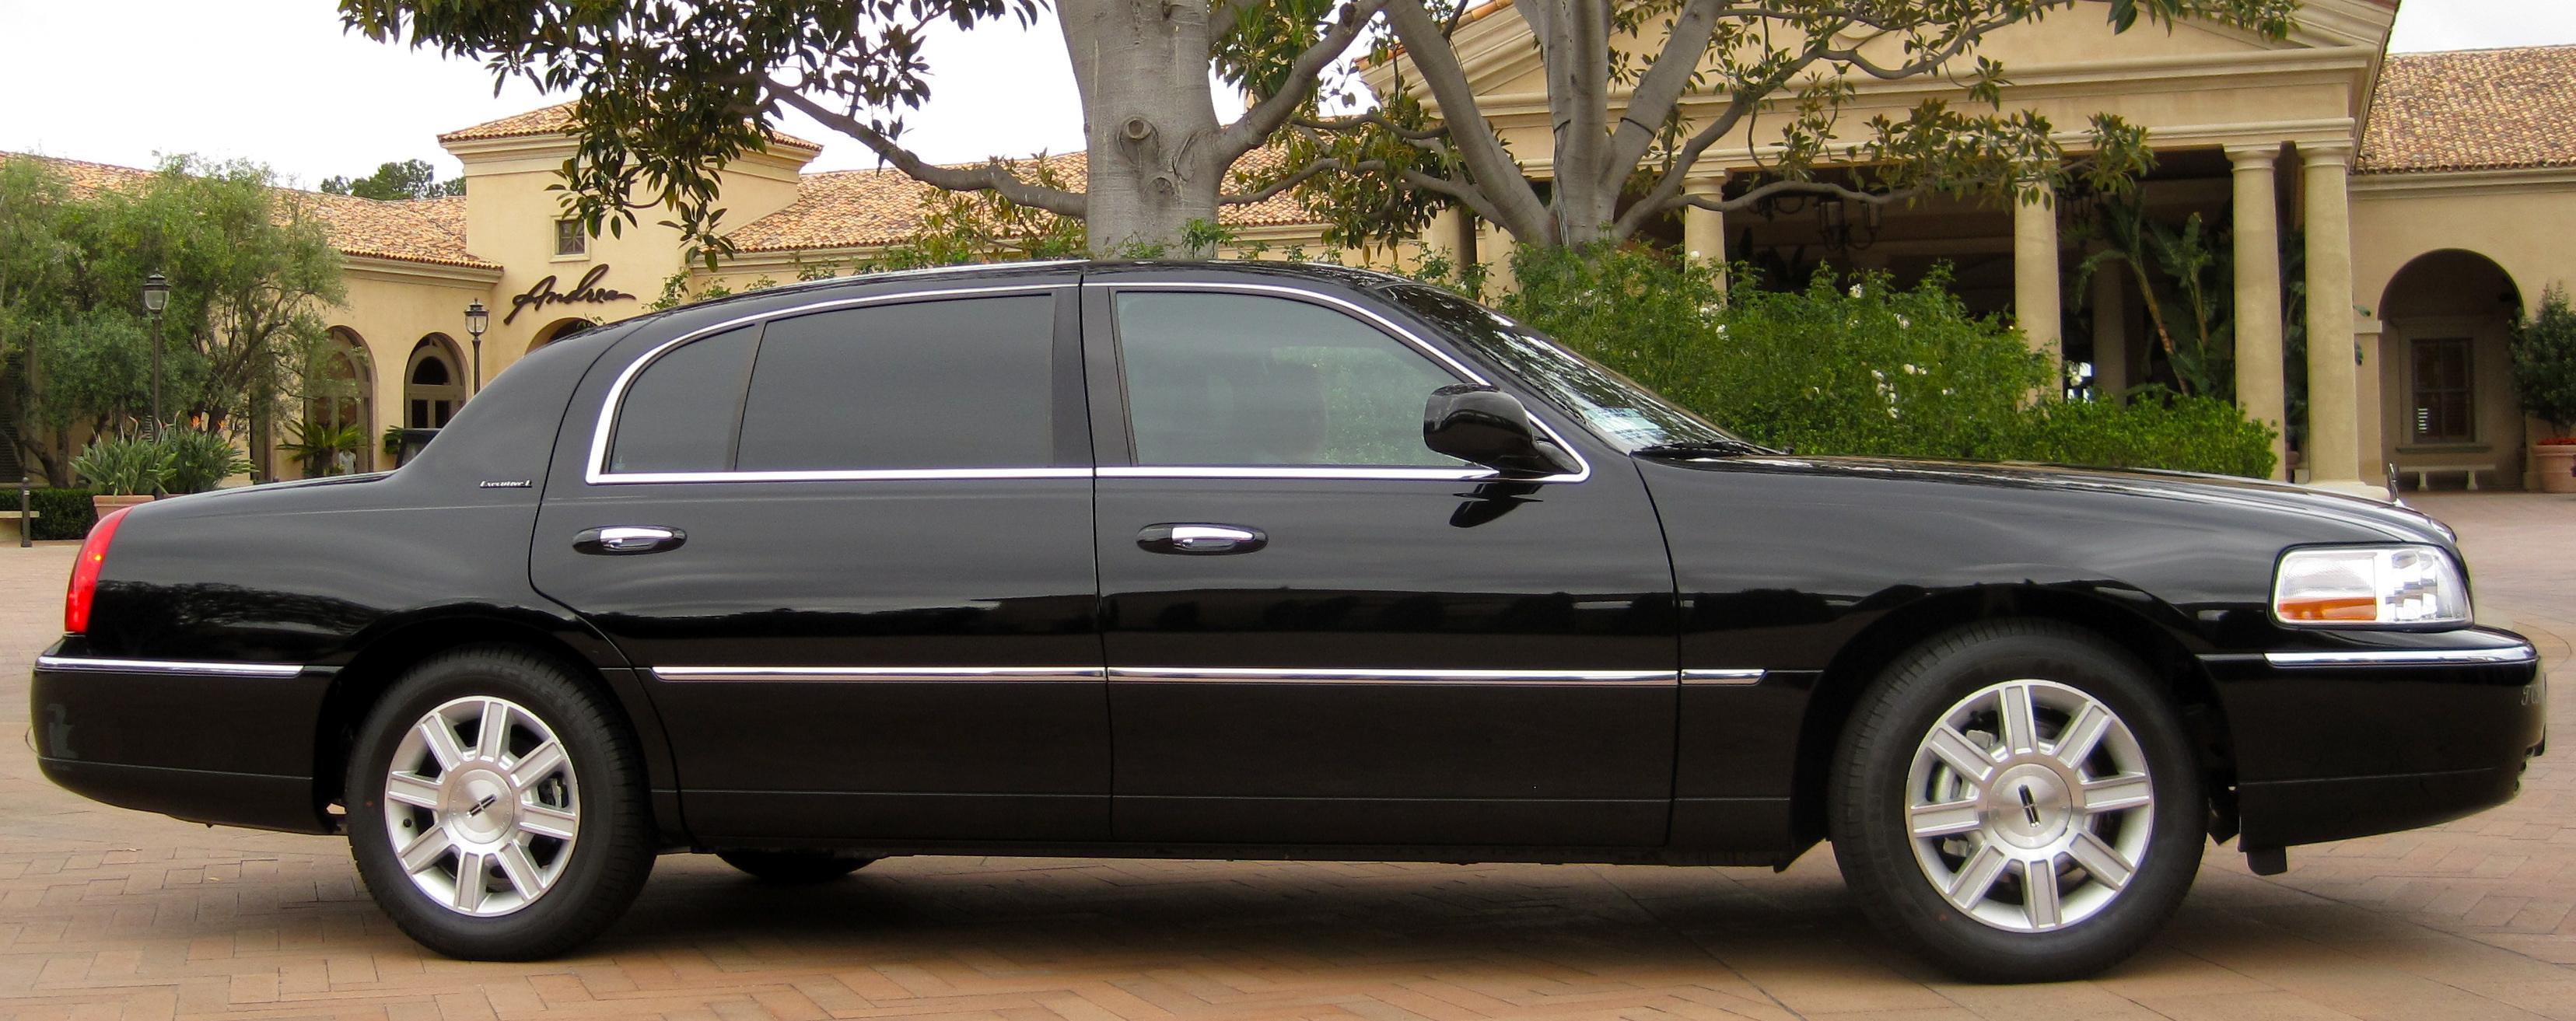 car53